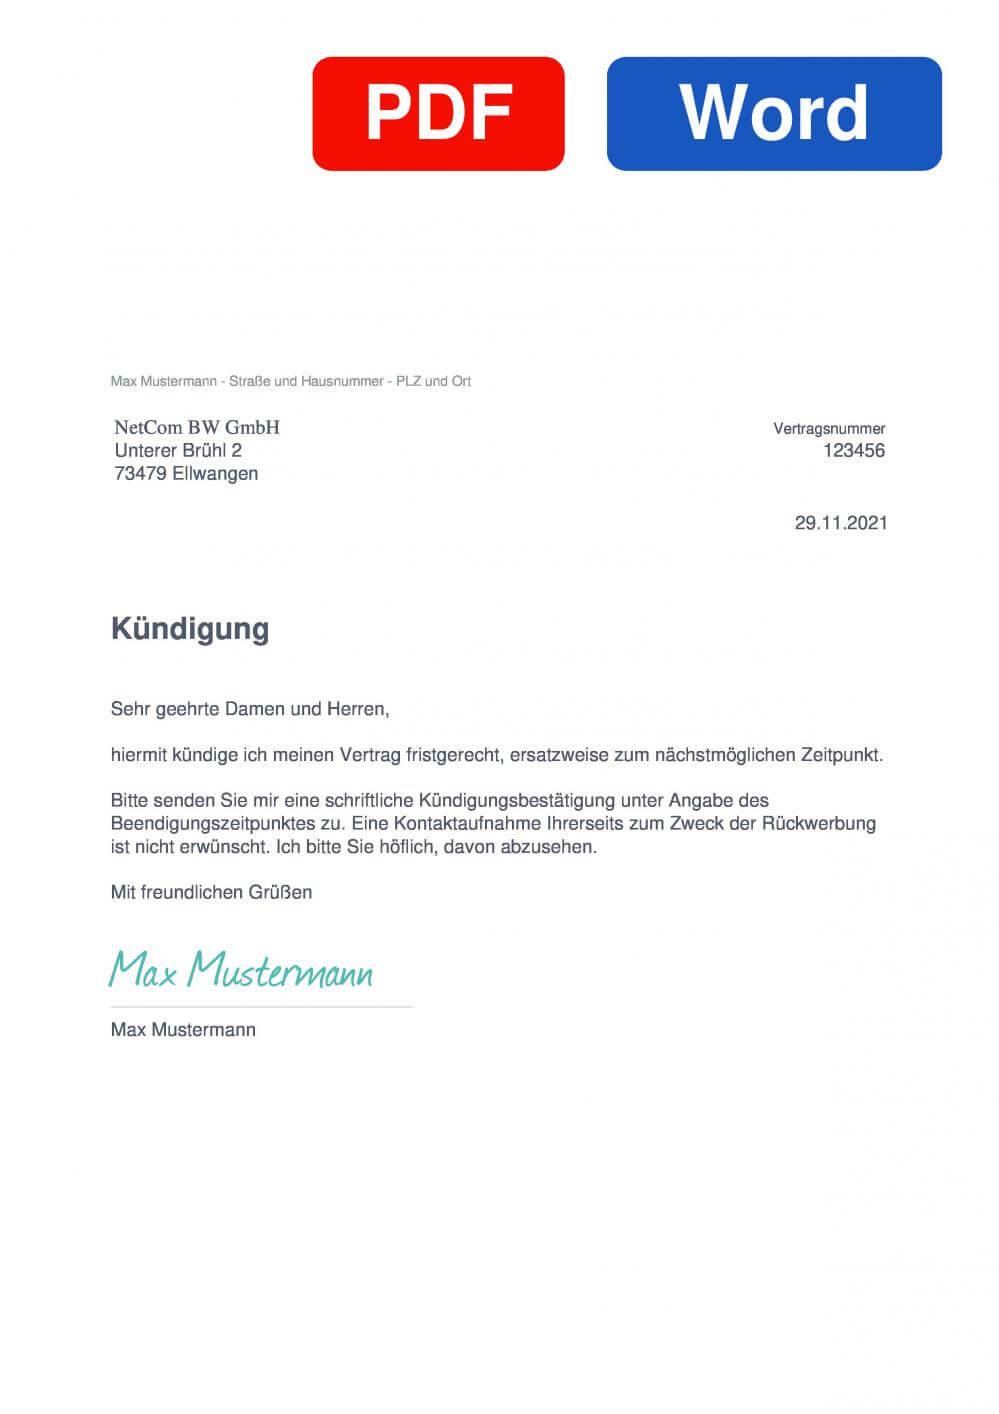 NeckarCom Muster Vorlage für Kündigungsschreiben